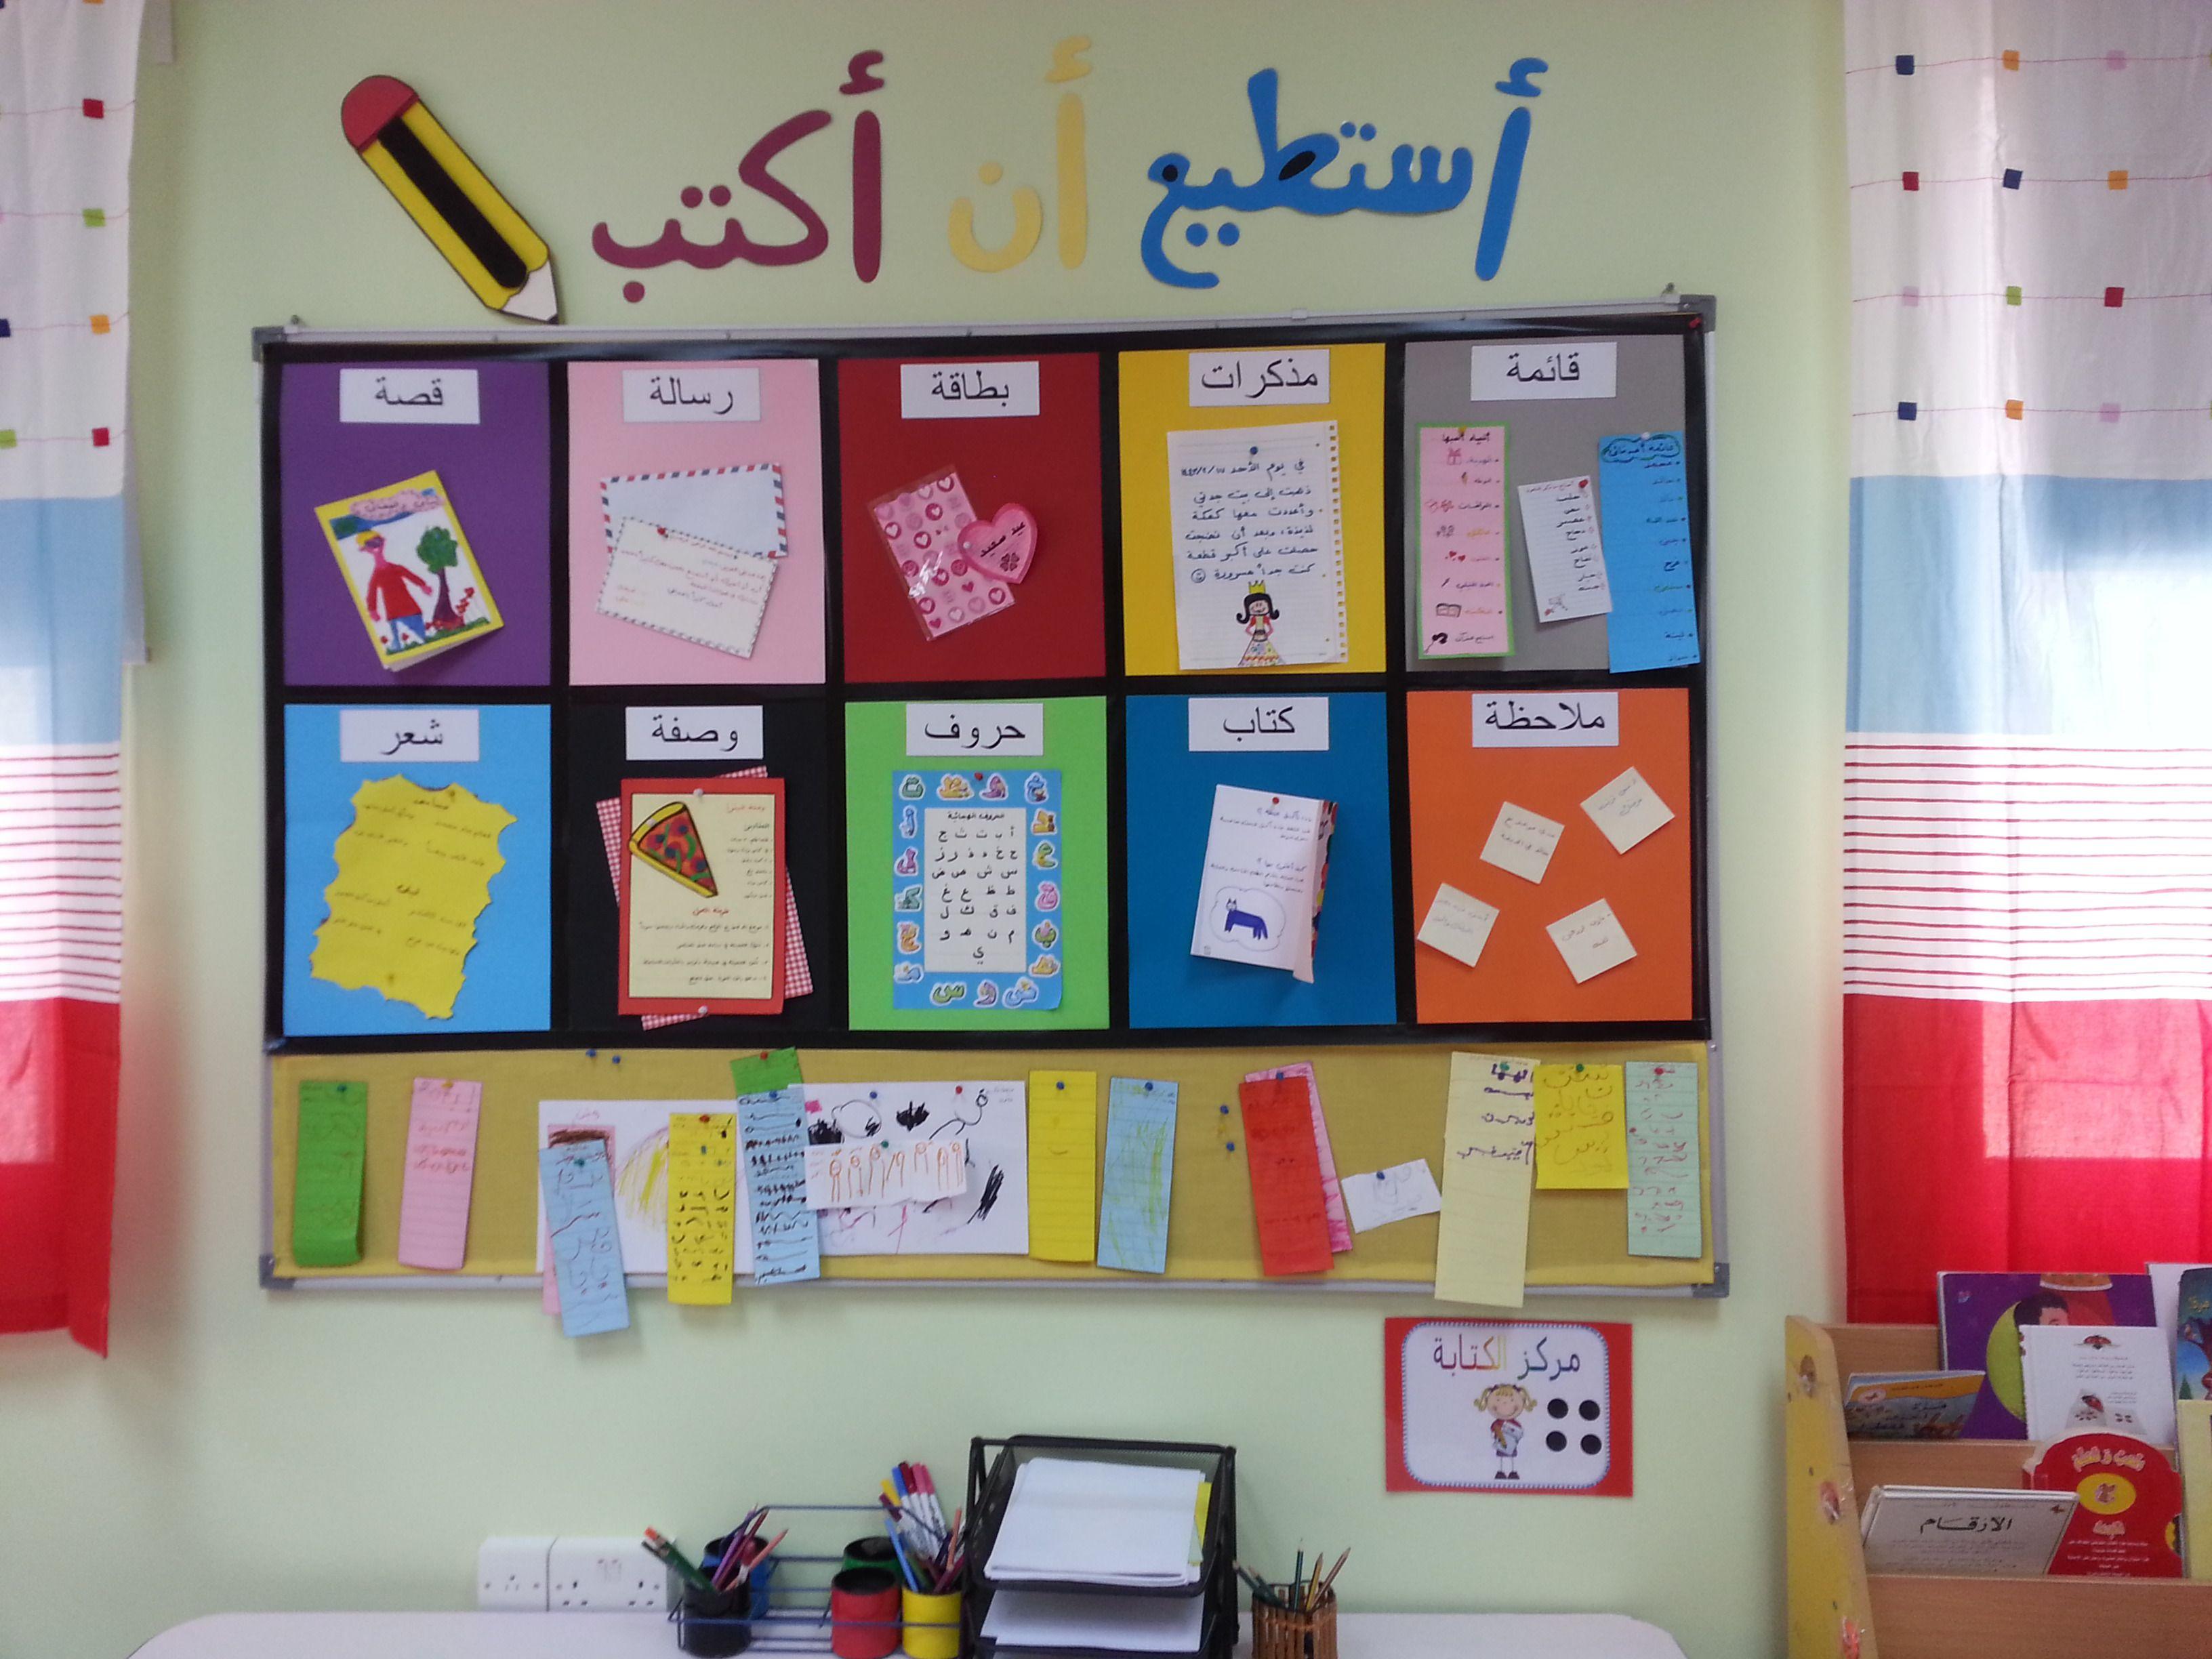 لوحة من تنفيذي توضح للأطفال المجالات التي يمكنهم الكتابة فيها Learning Arabic Arabic Alphabet For Kids Arabic Kids